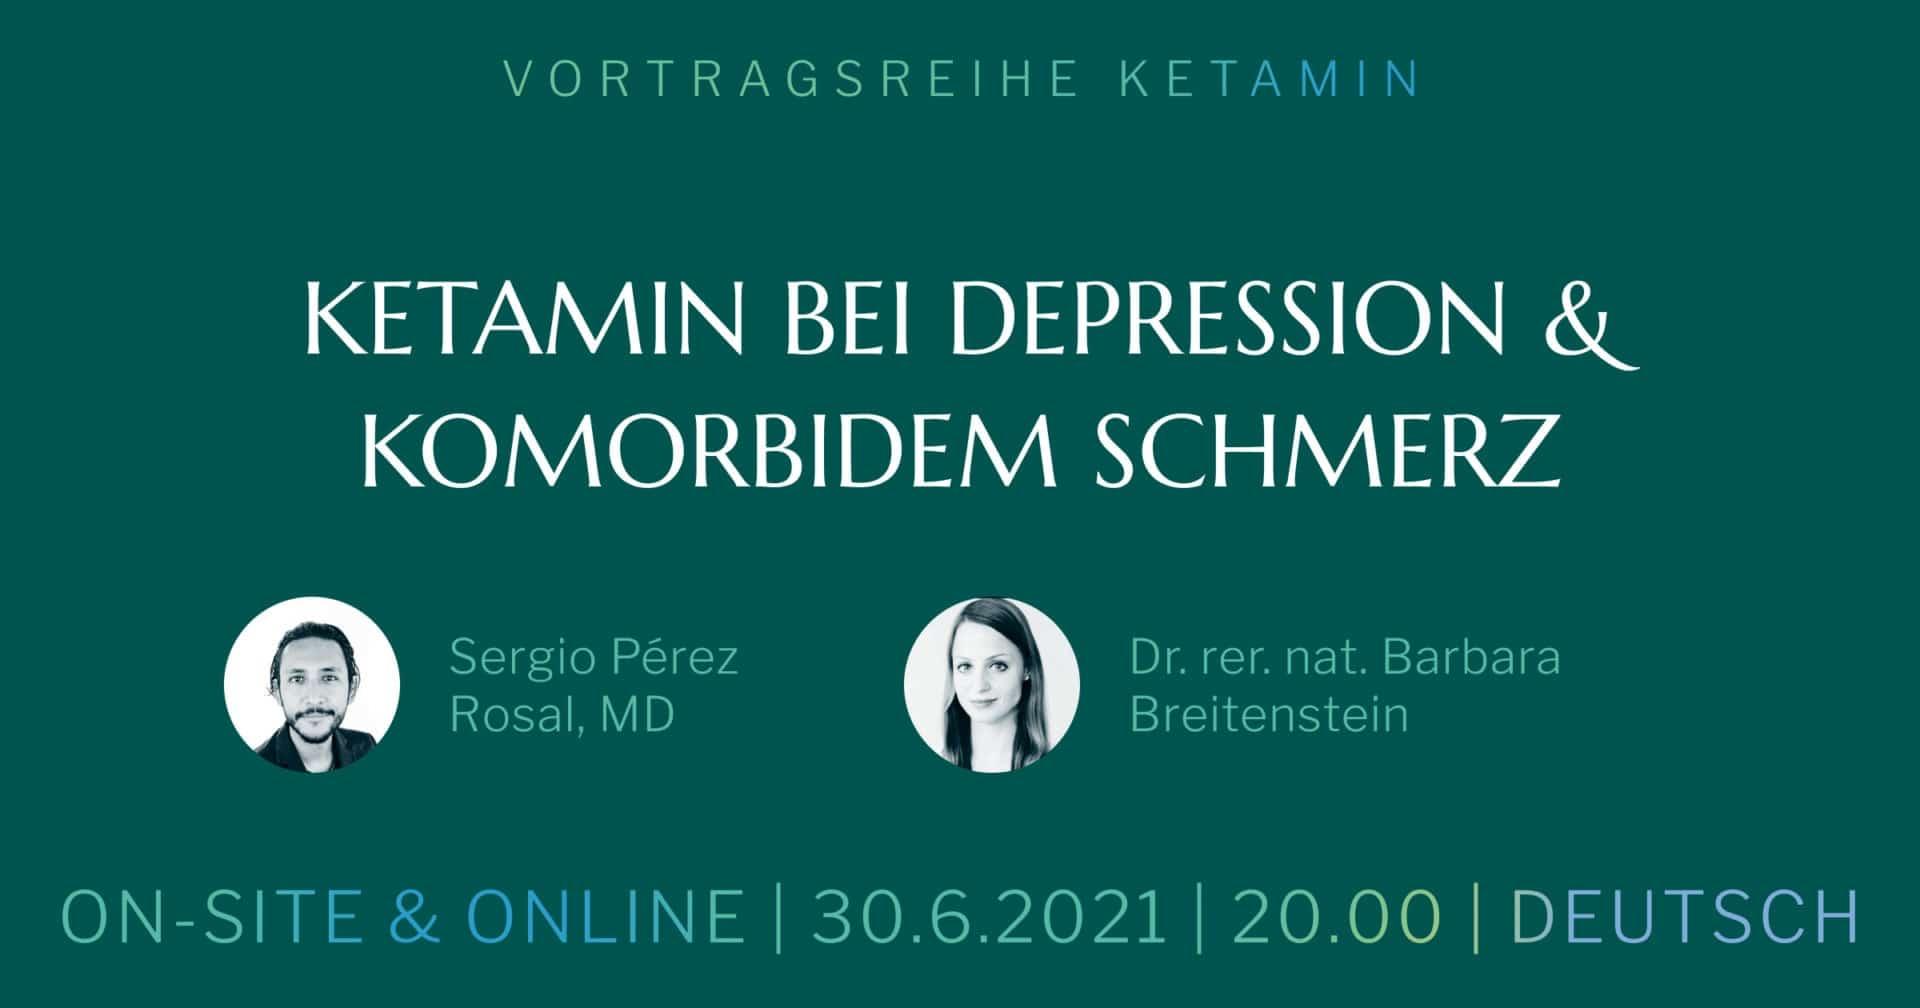 Ketamin bei Depression & komorbidem Schmerz